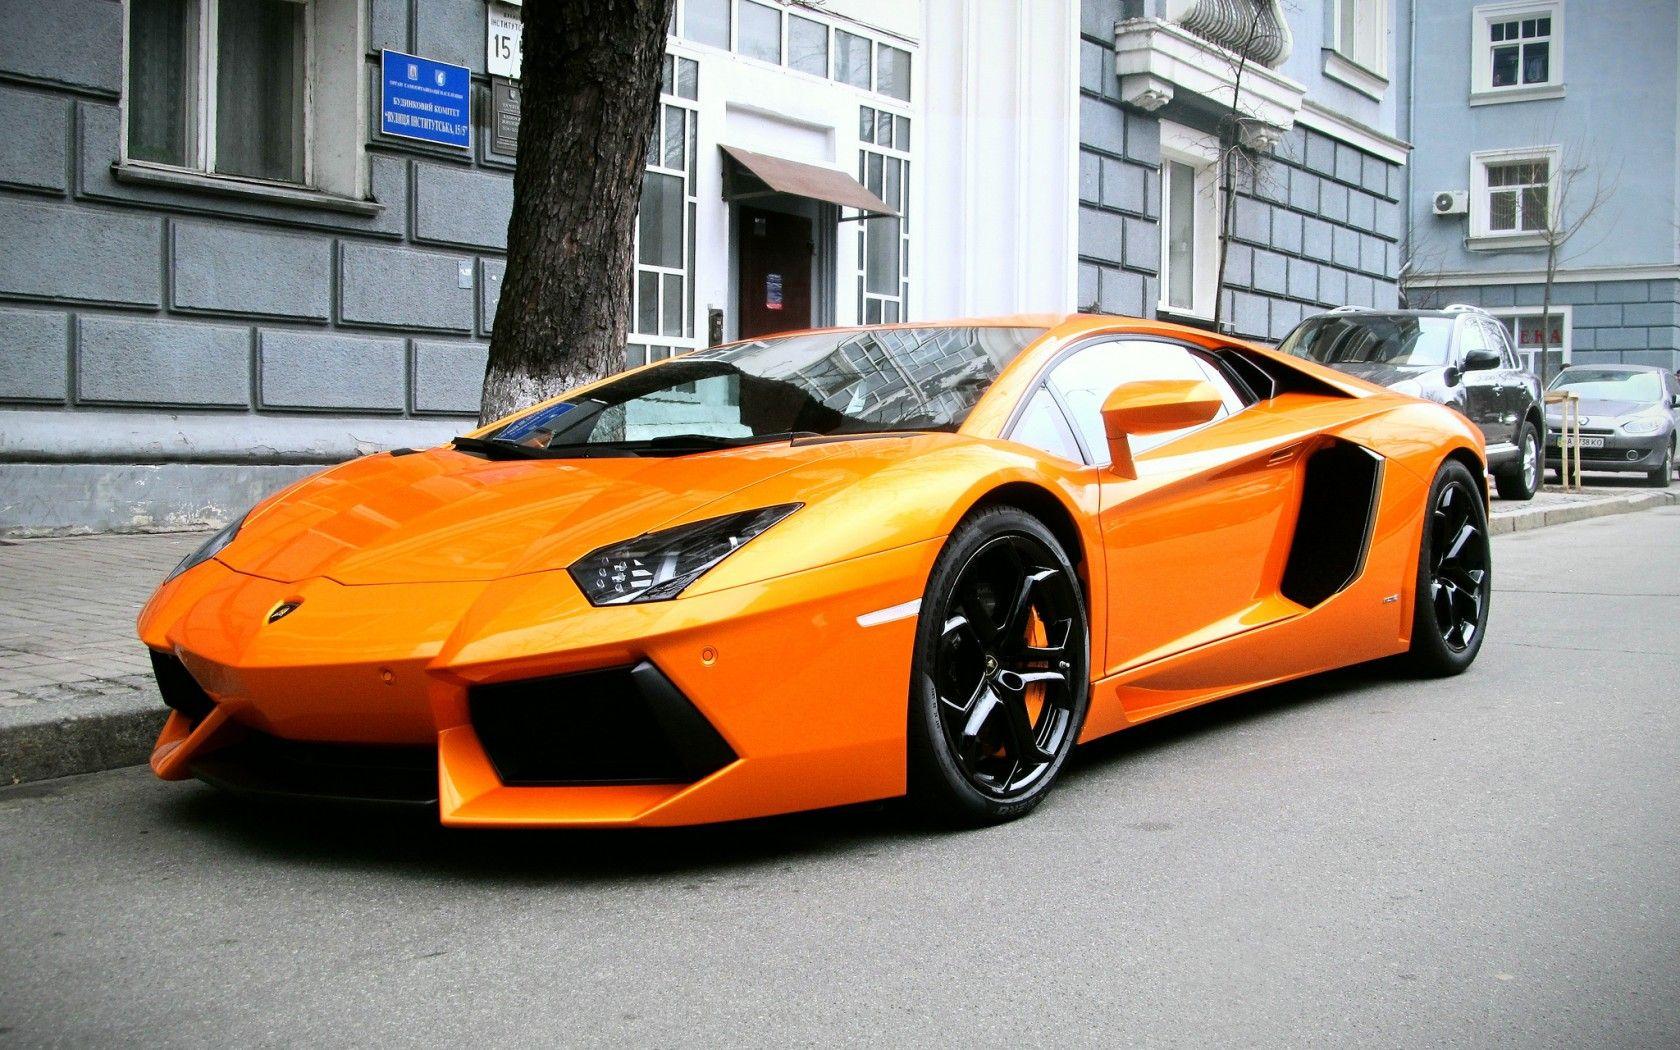 Lamborghini Aventador LP 700 4 Supercars Orange Wallpaper Background #lamborghini  Lamborghini